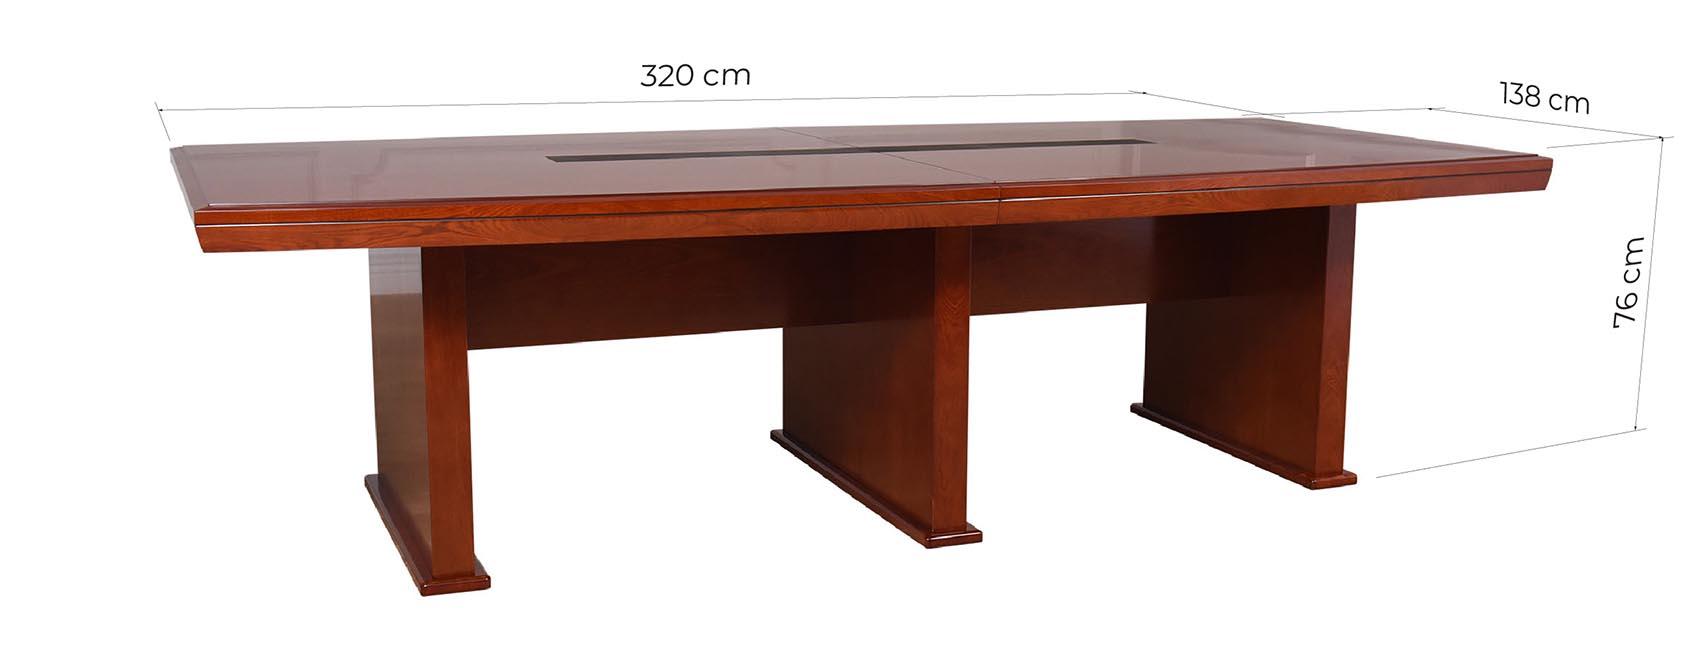 tavolo per riunioni dimensioni costruito in legno massello